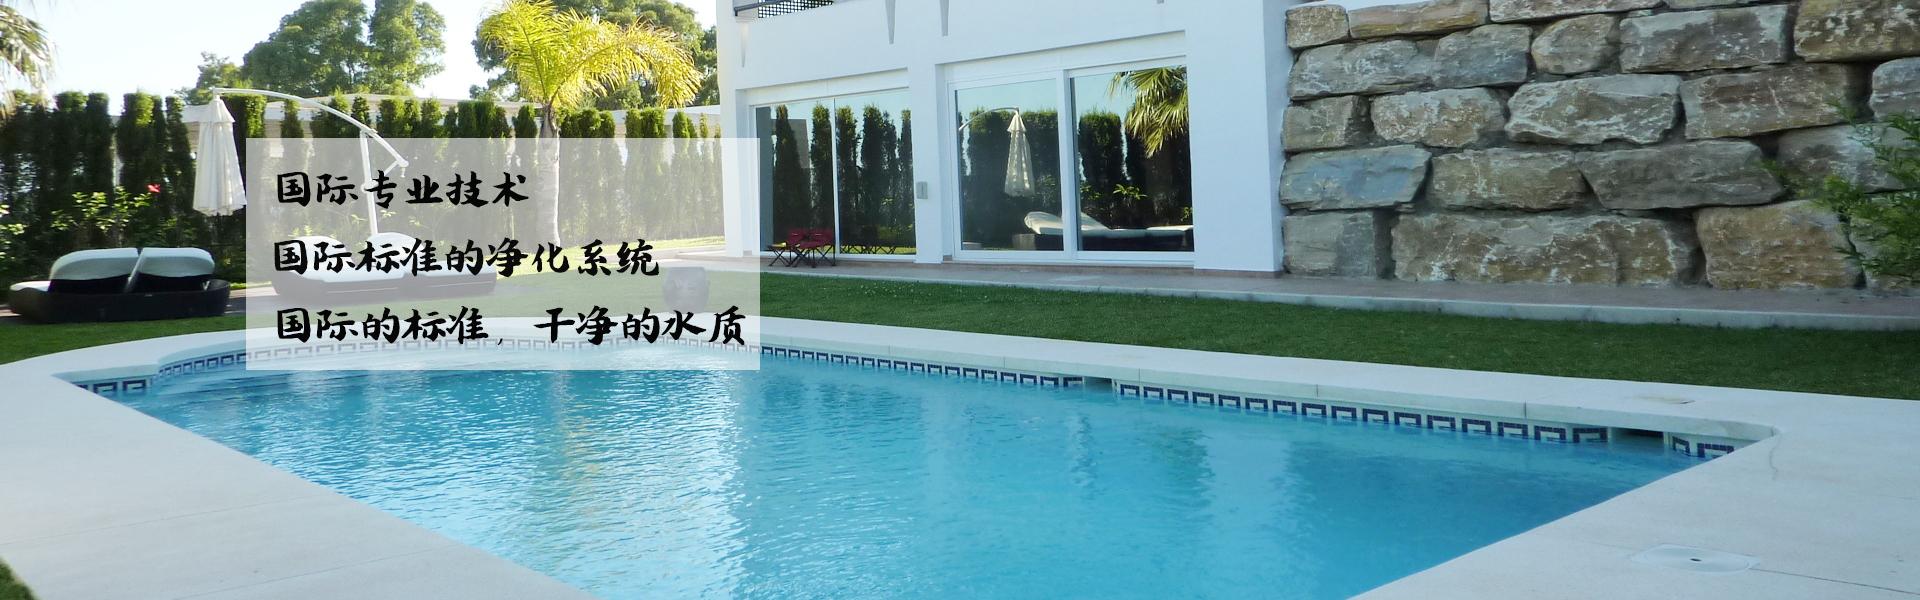 广西泳池设备_一体化泳池设备_北海游泳池工程_钦州泳池工程_桂林游泳池设备